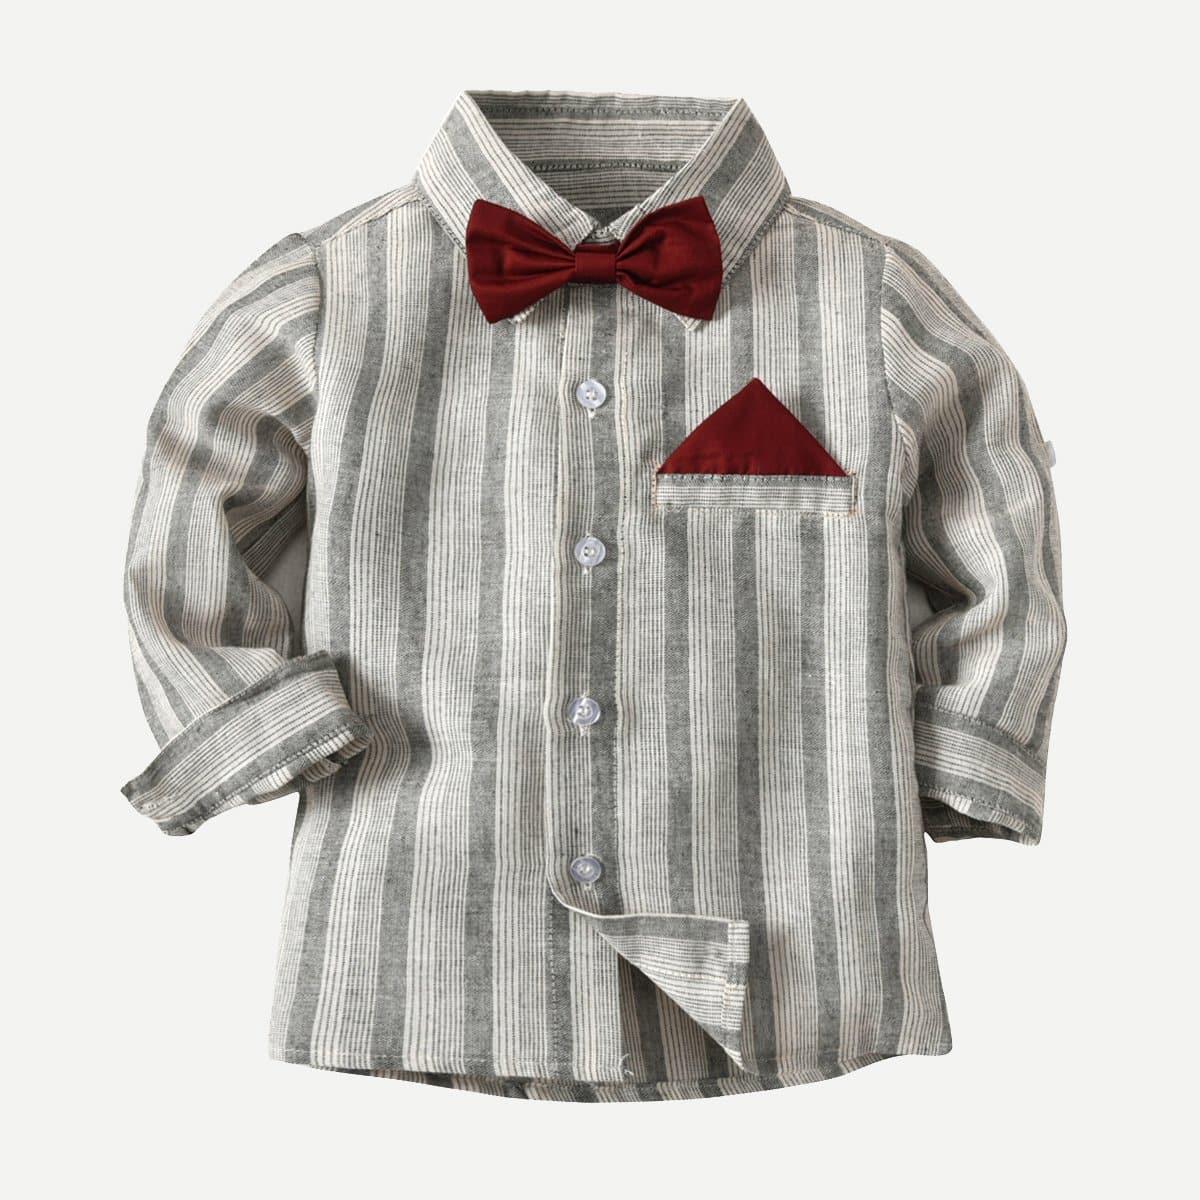 Полосатая футболка с воротник-бантом для маленьких мальчиков от SHEIN